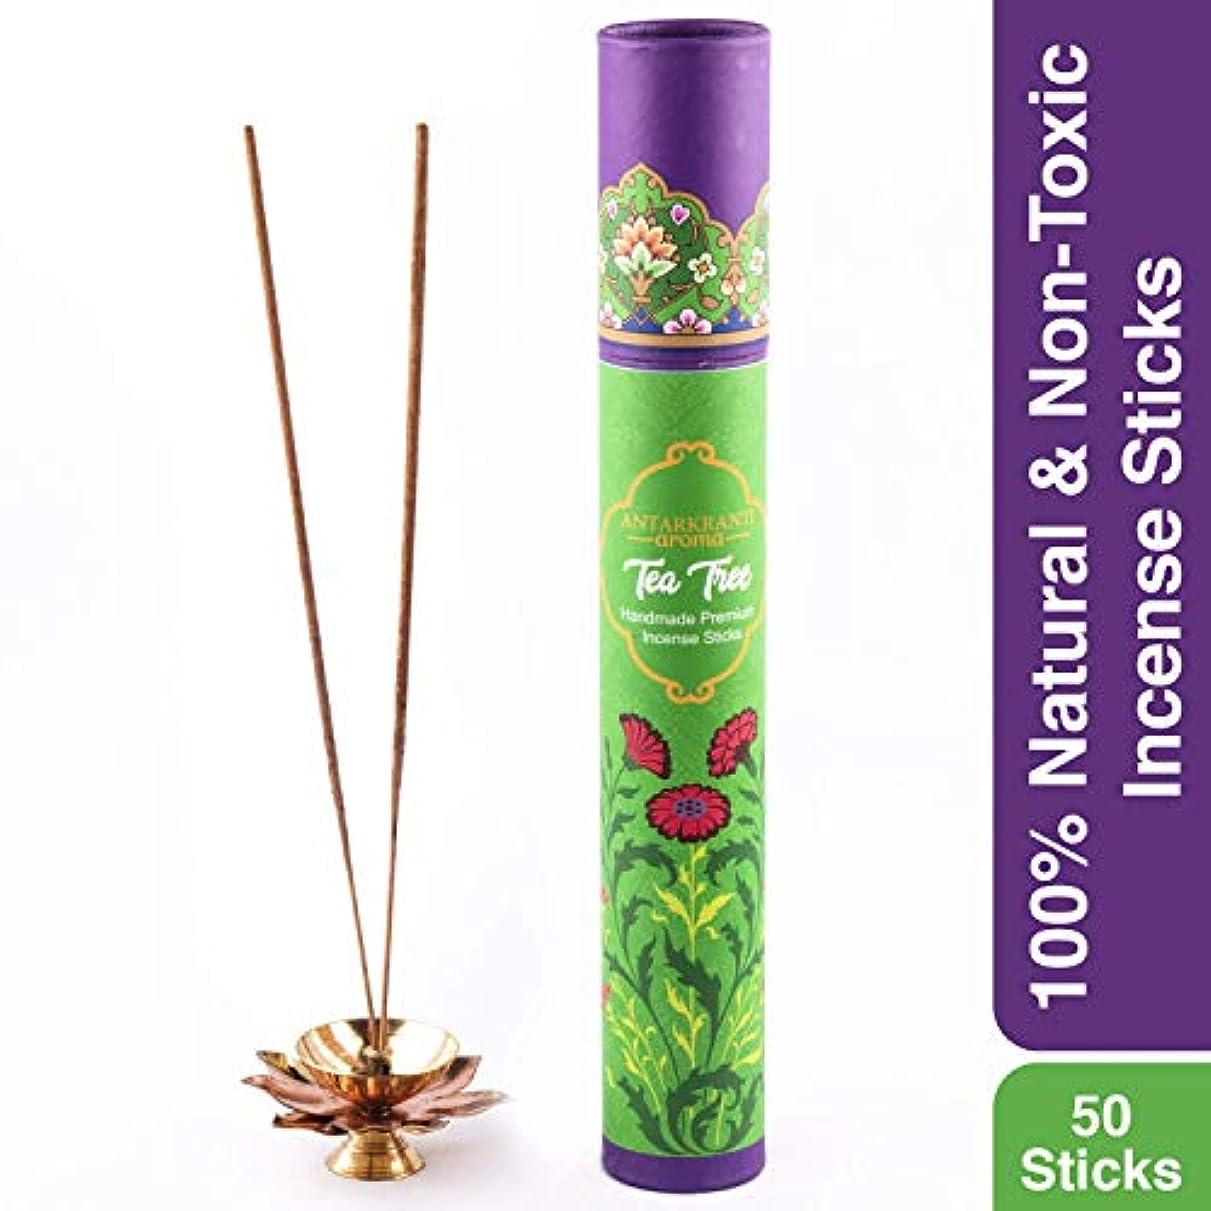 パイプリング失敗Antarkranti Tradition Tea Tree Incense Stick Agarbatti